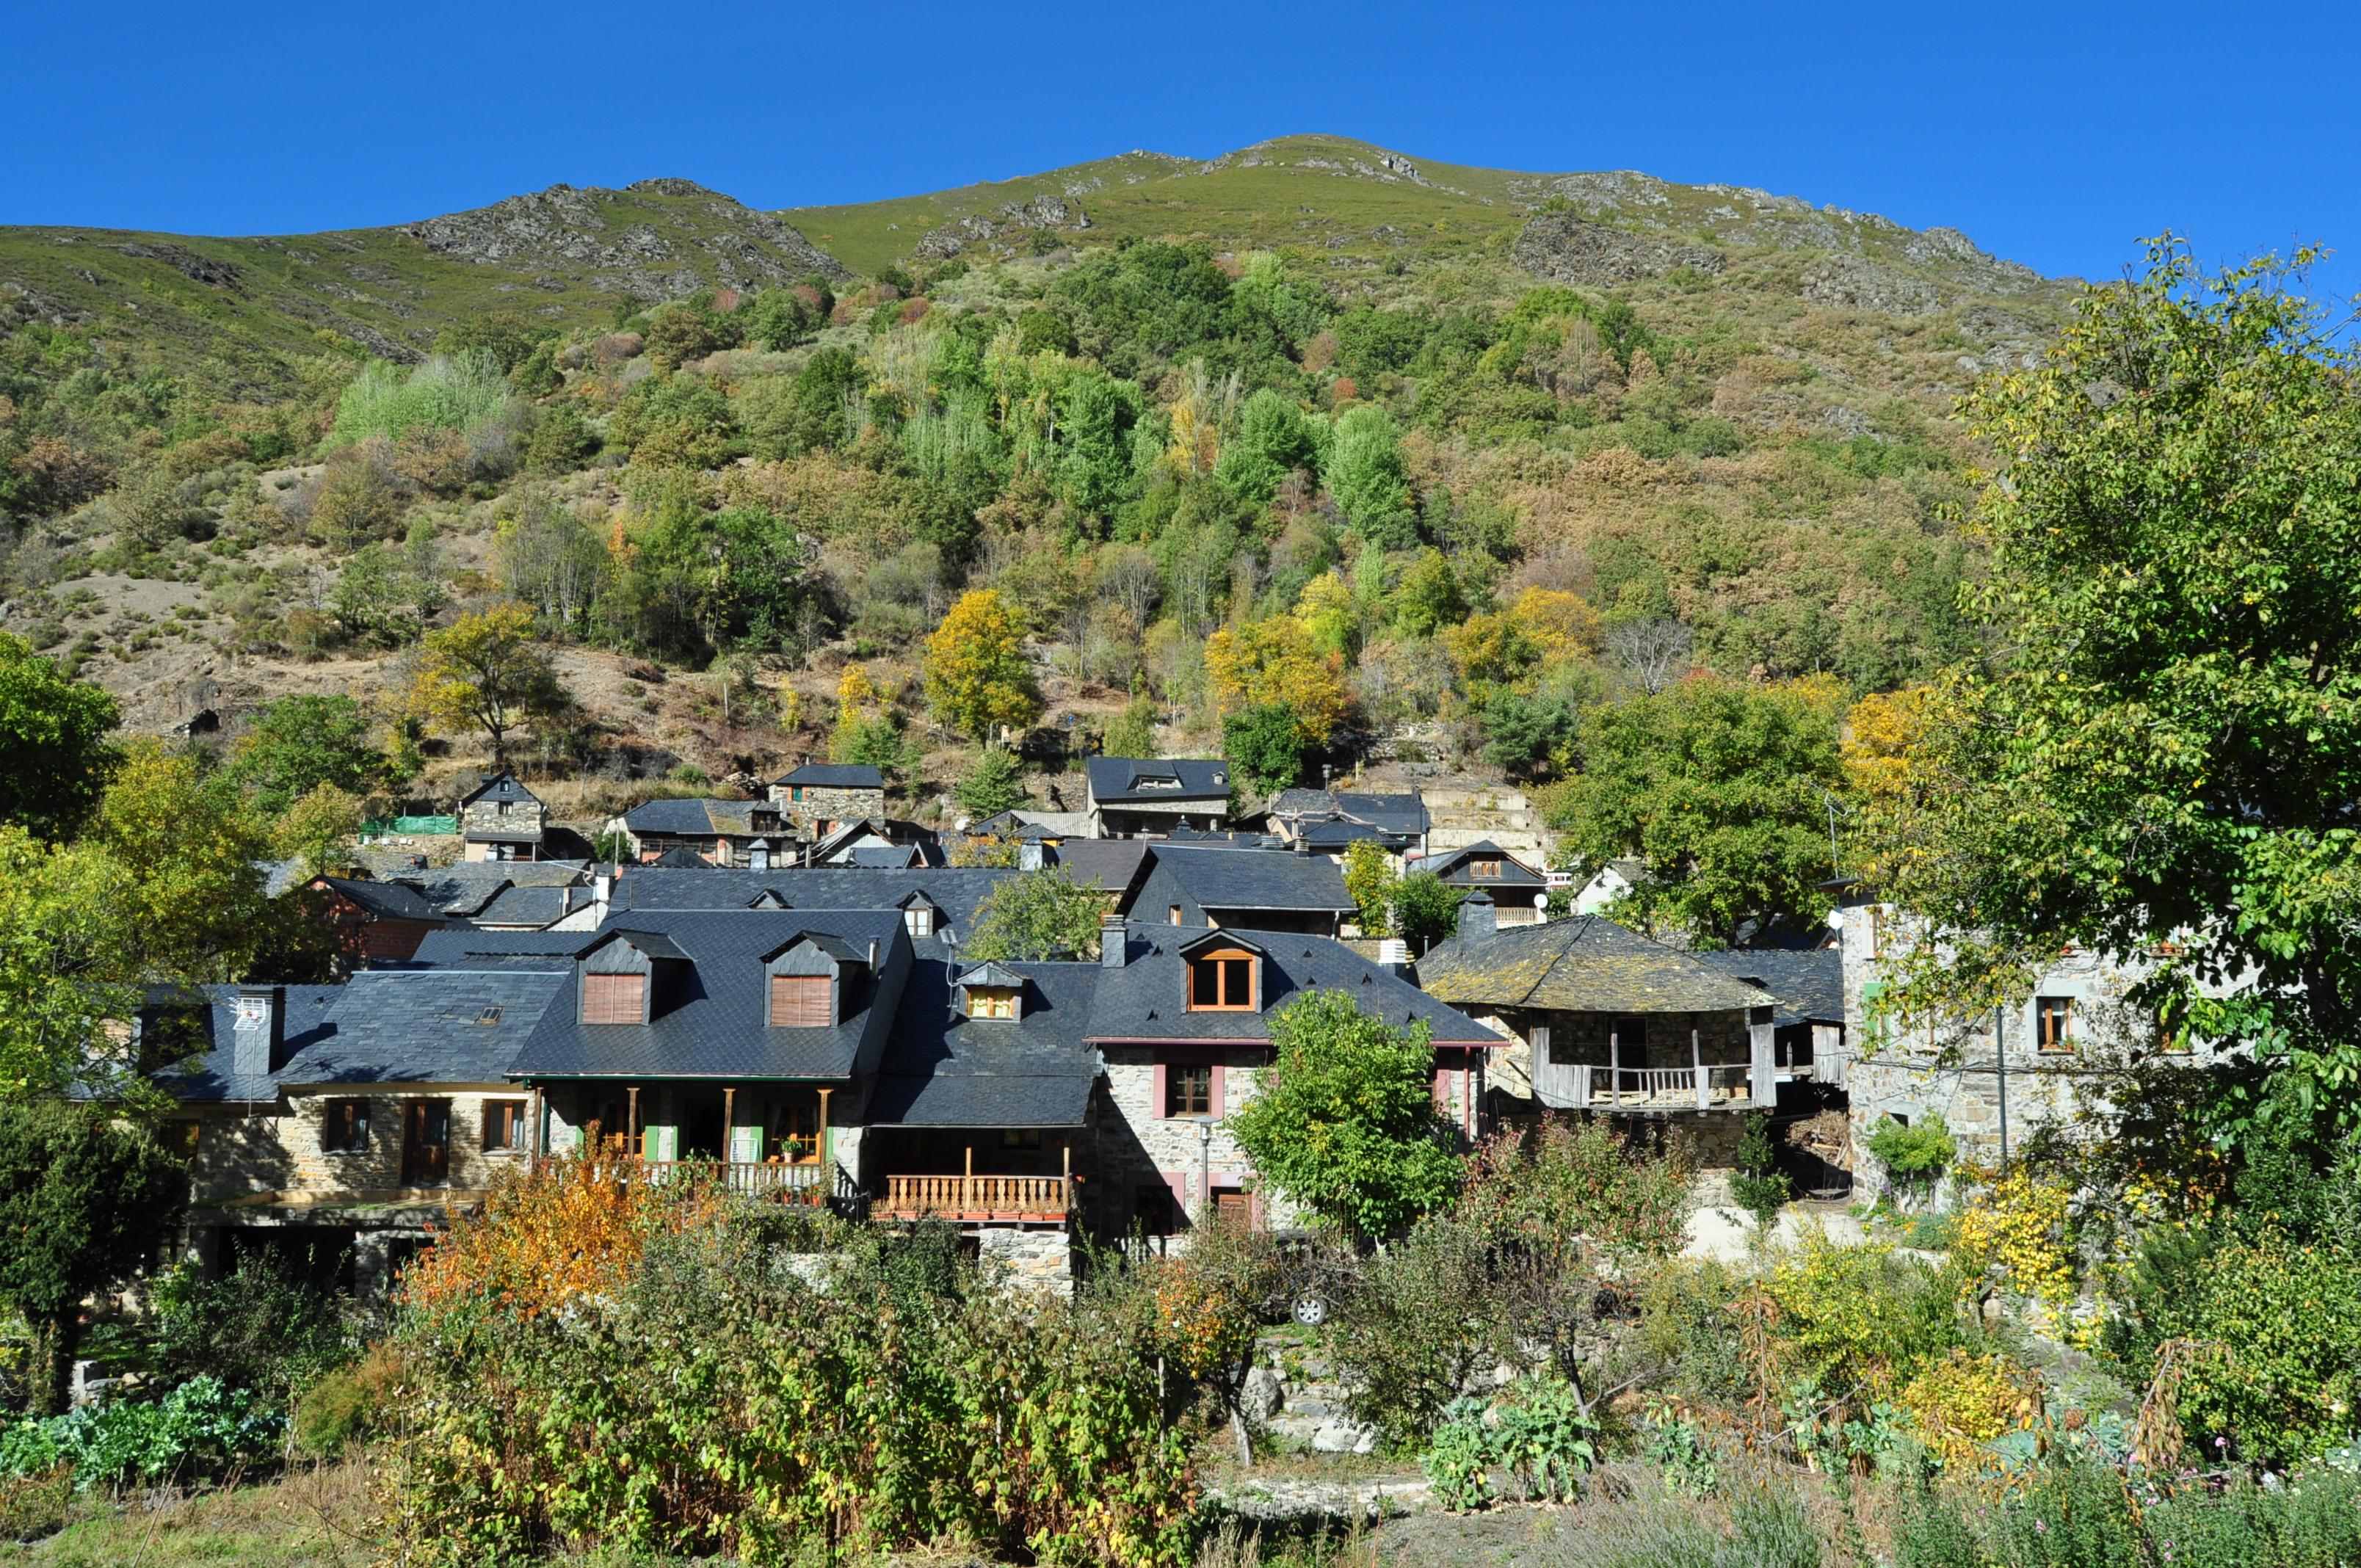 Vista del barrio oeste de Colinas del Campo.